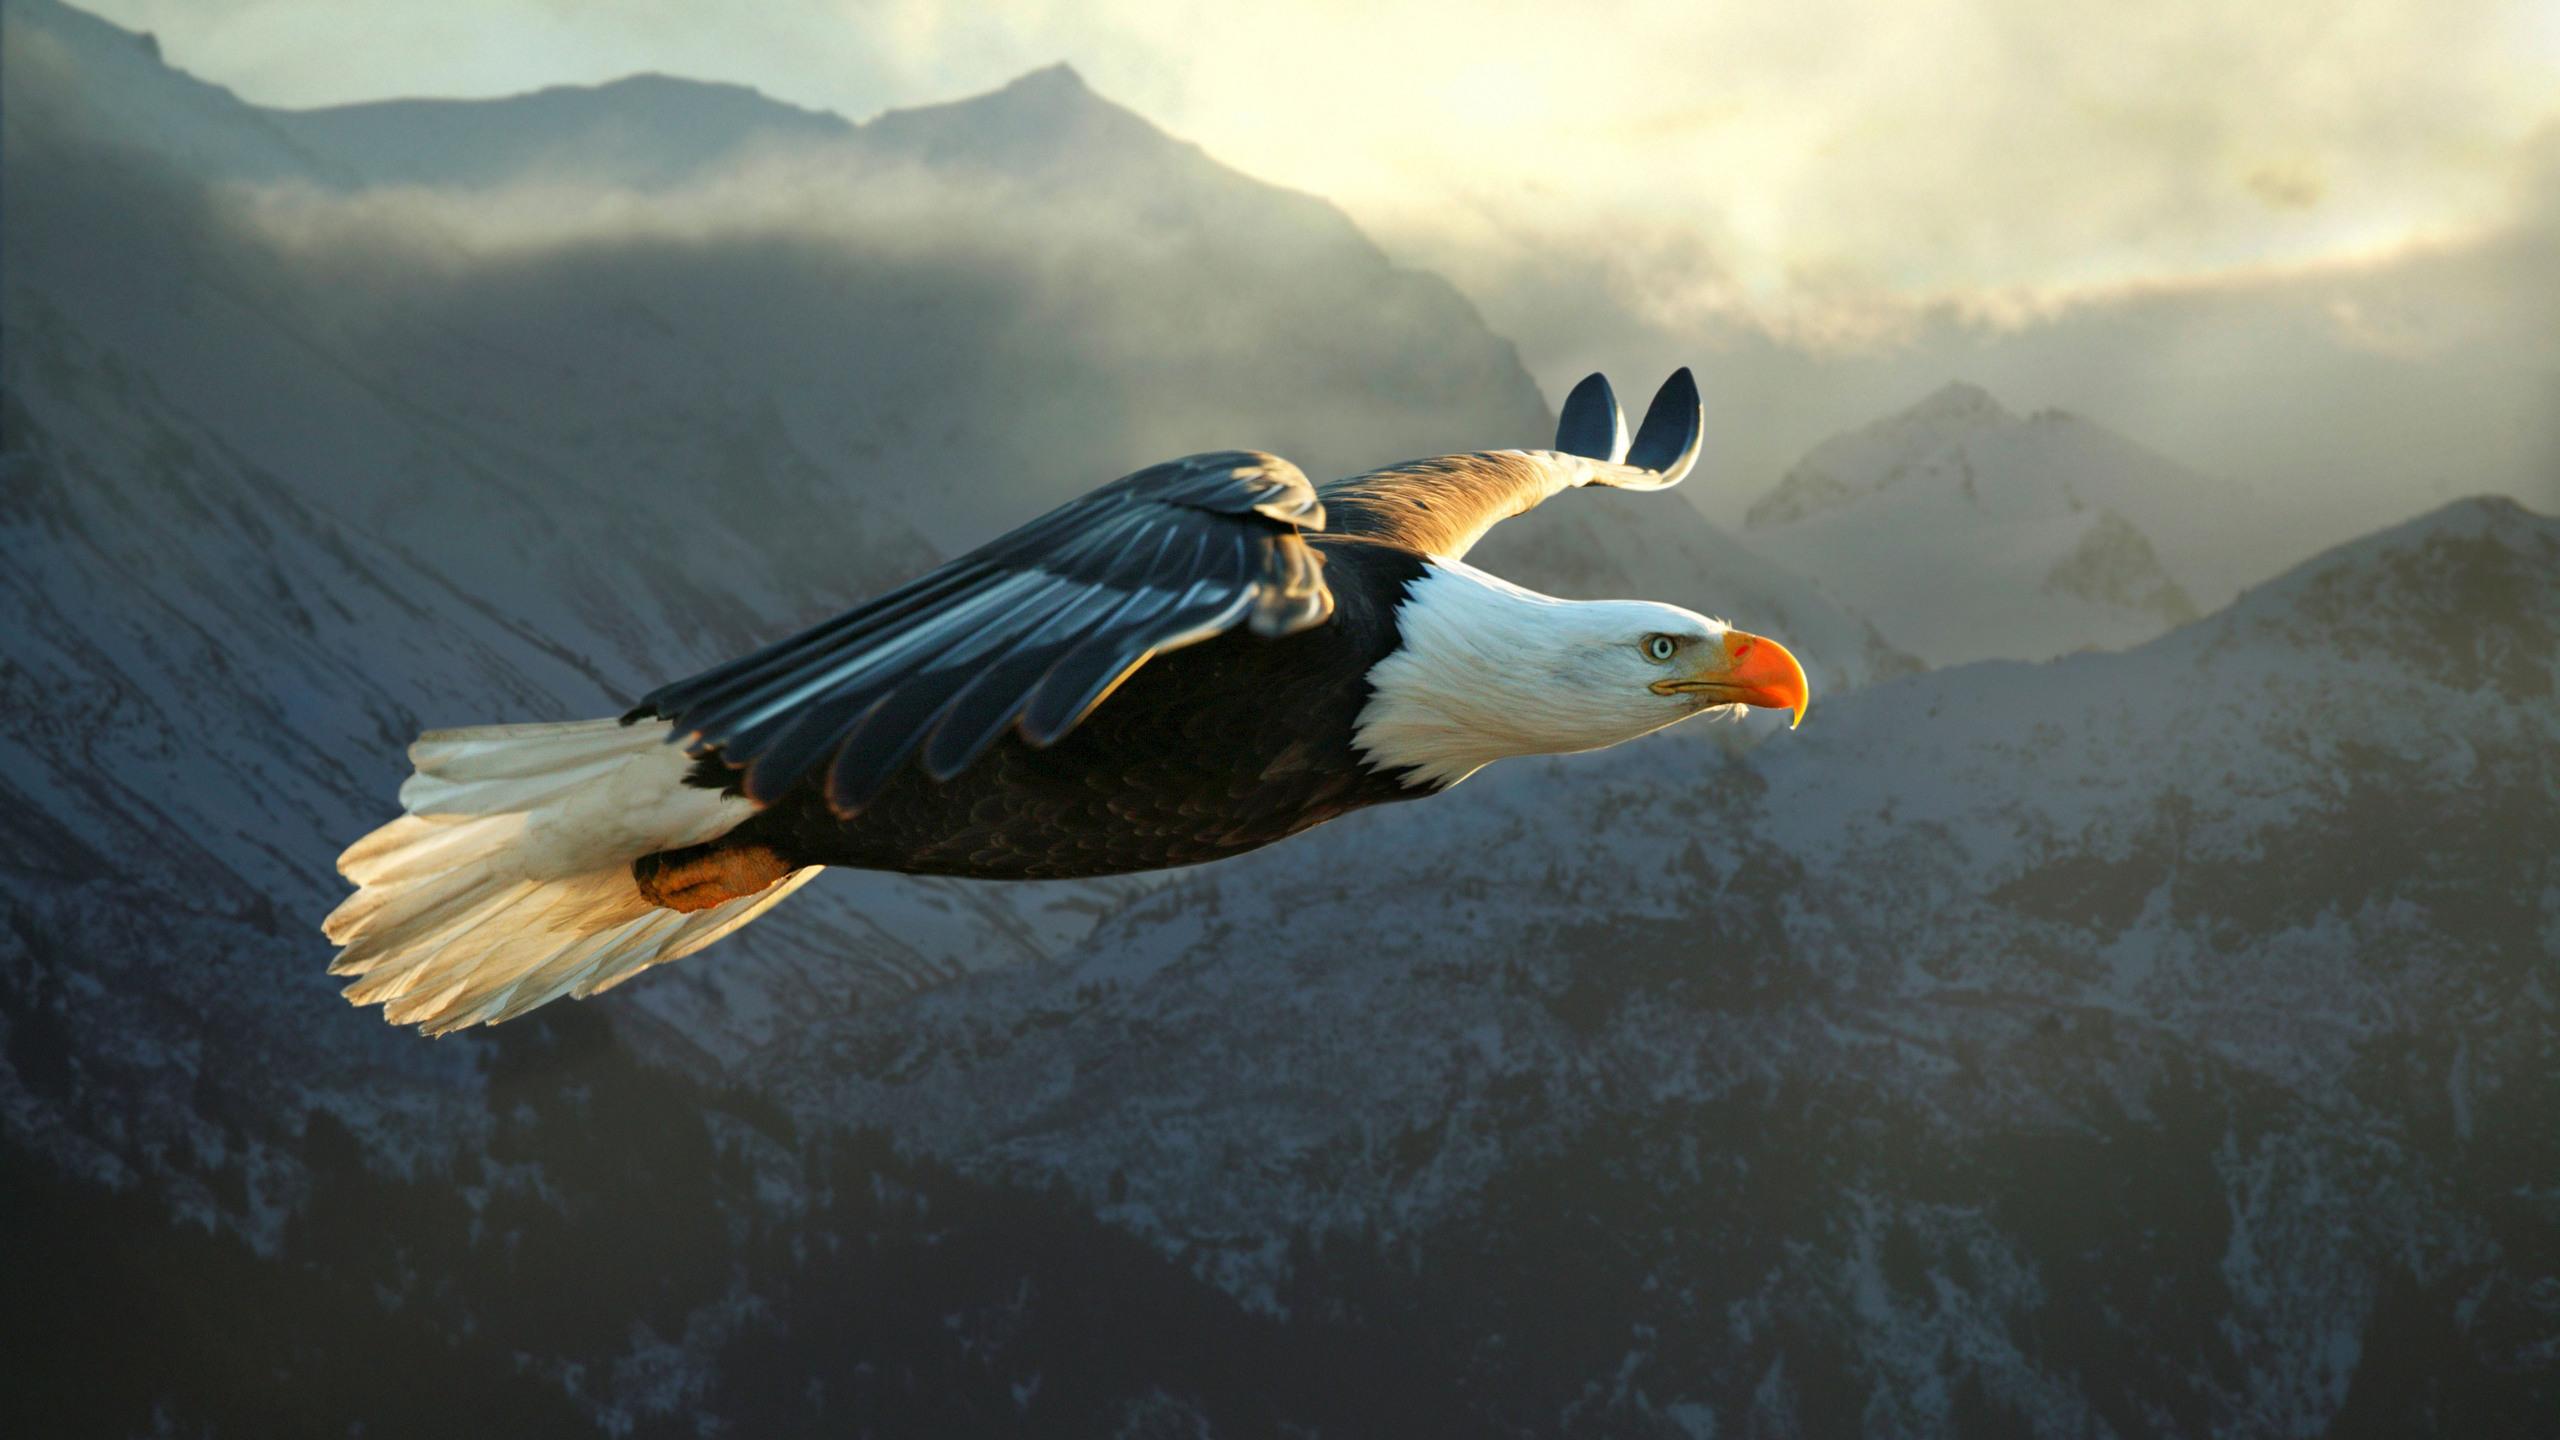 Águila Calva Fondo de pantalla HD | Fondo de Escritorio | 2560x1440 |  ID:552914 - Wallpaper Abyss